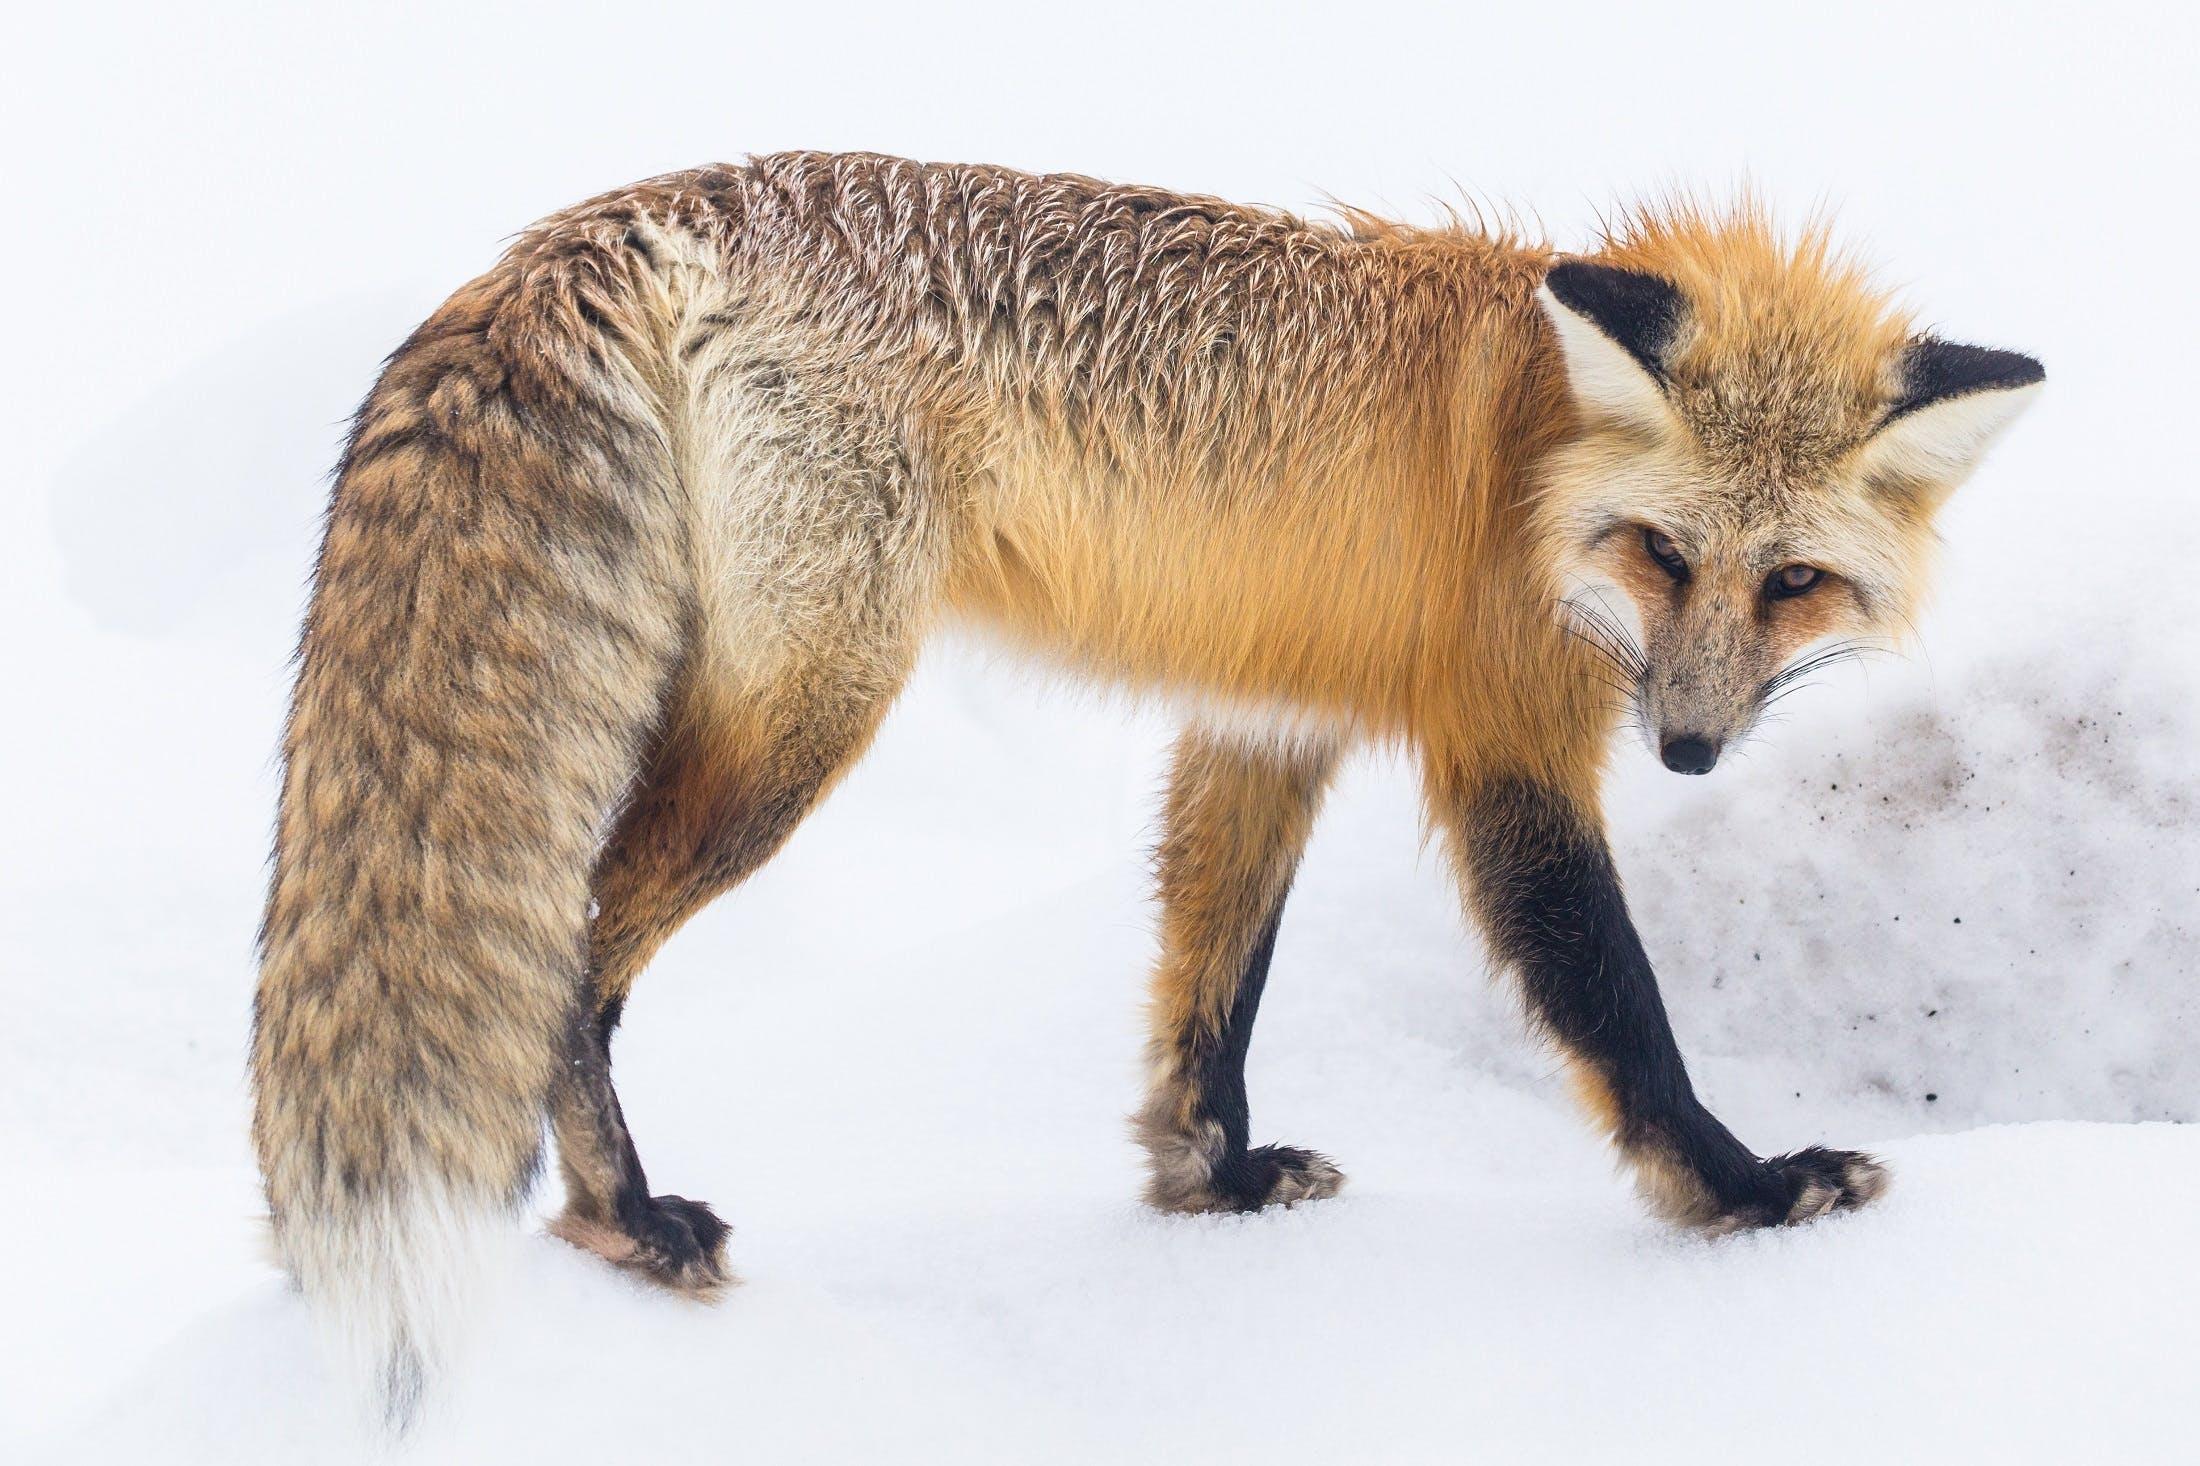 Základová fotografie zdarma na téma dívání, divočina, divoké zvíře, divoký